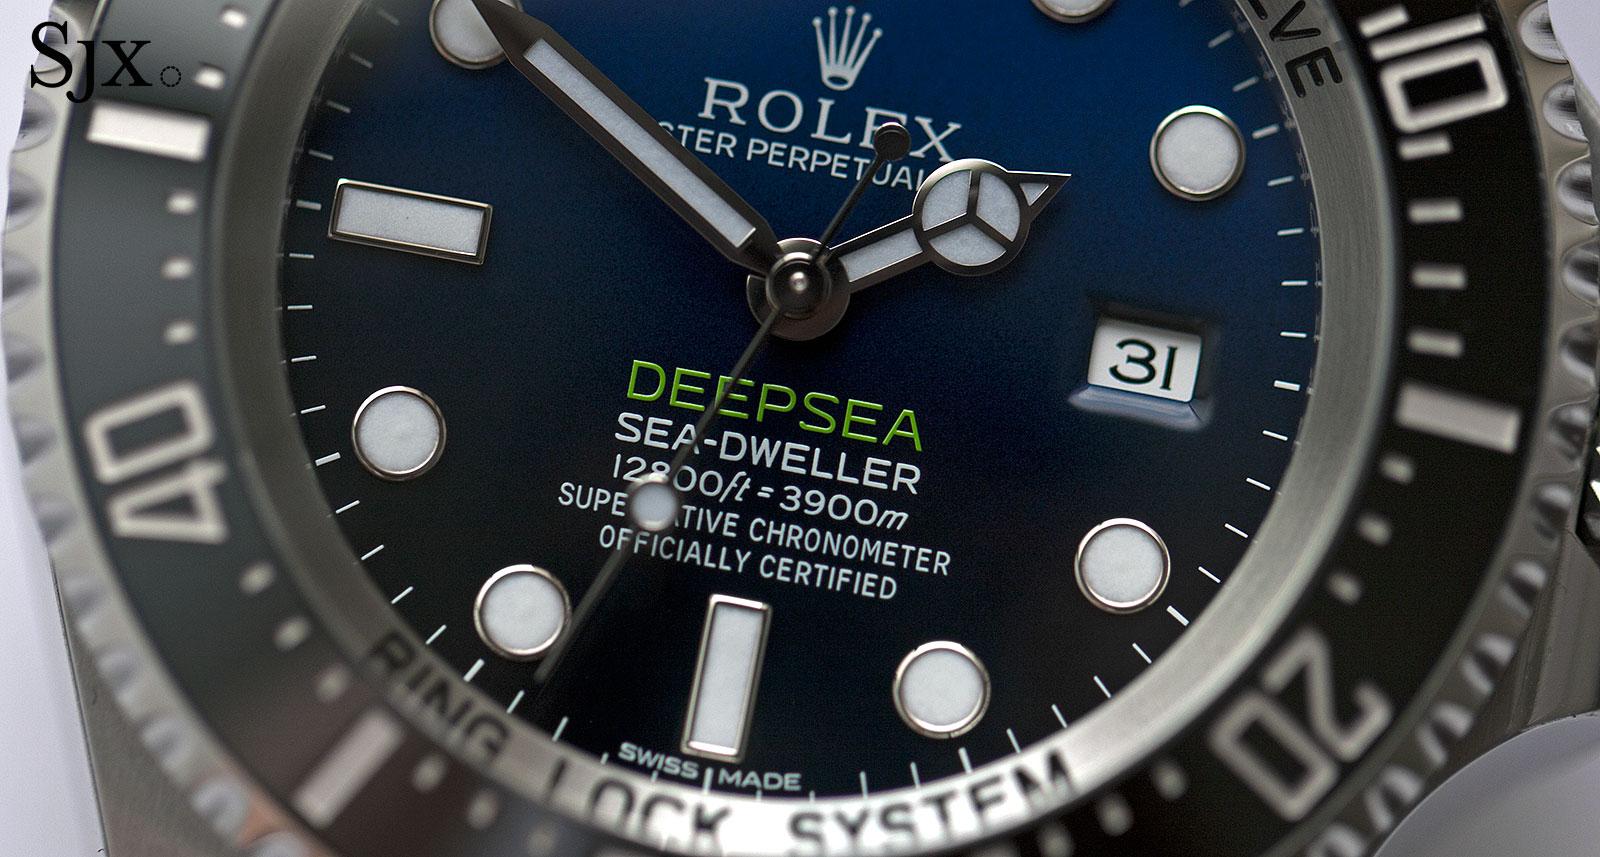 Rolex Deepsea D-Blue 1